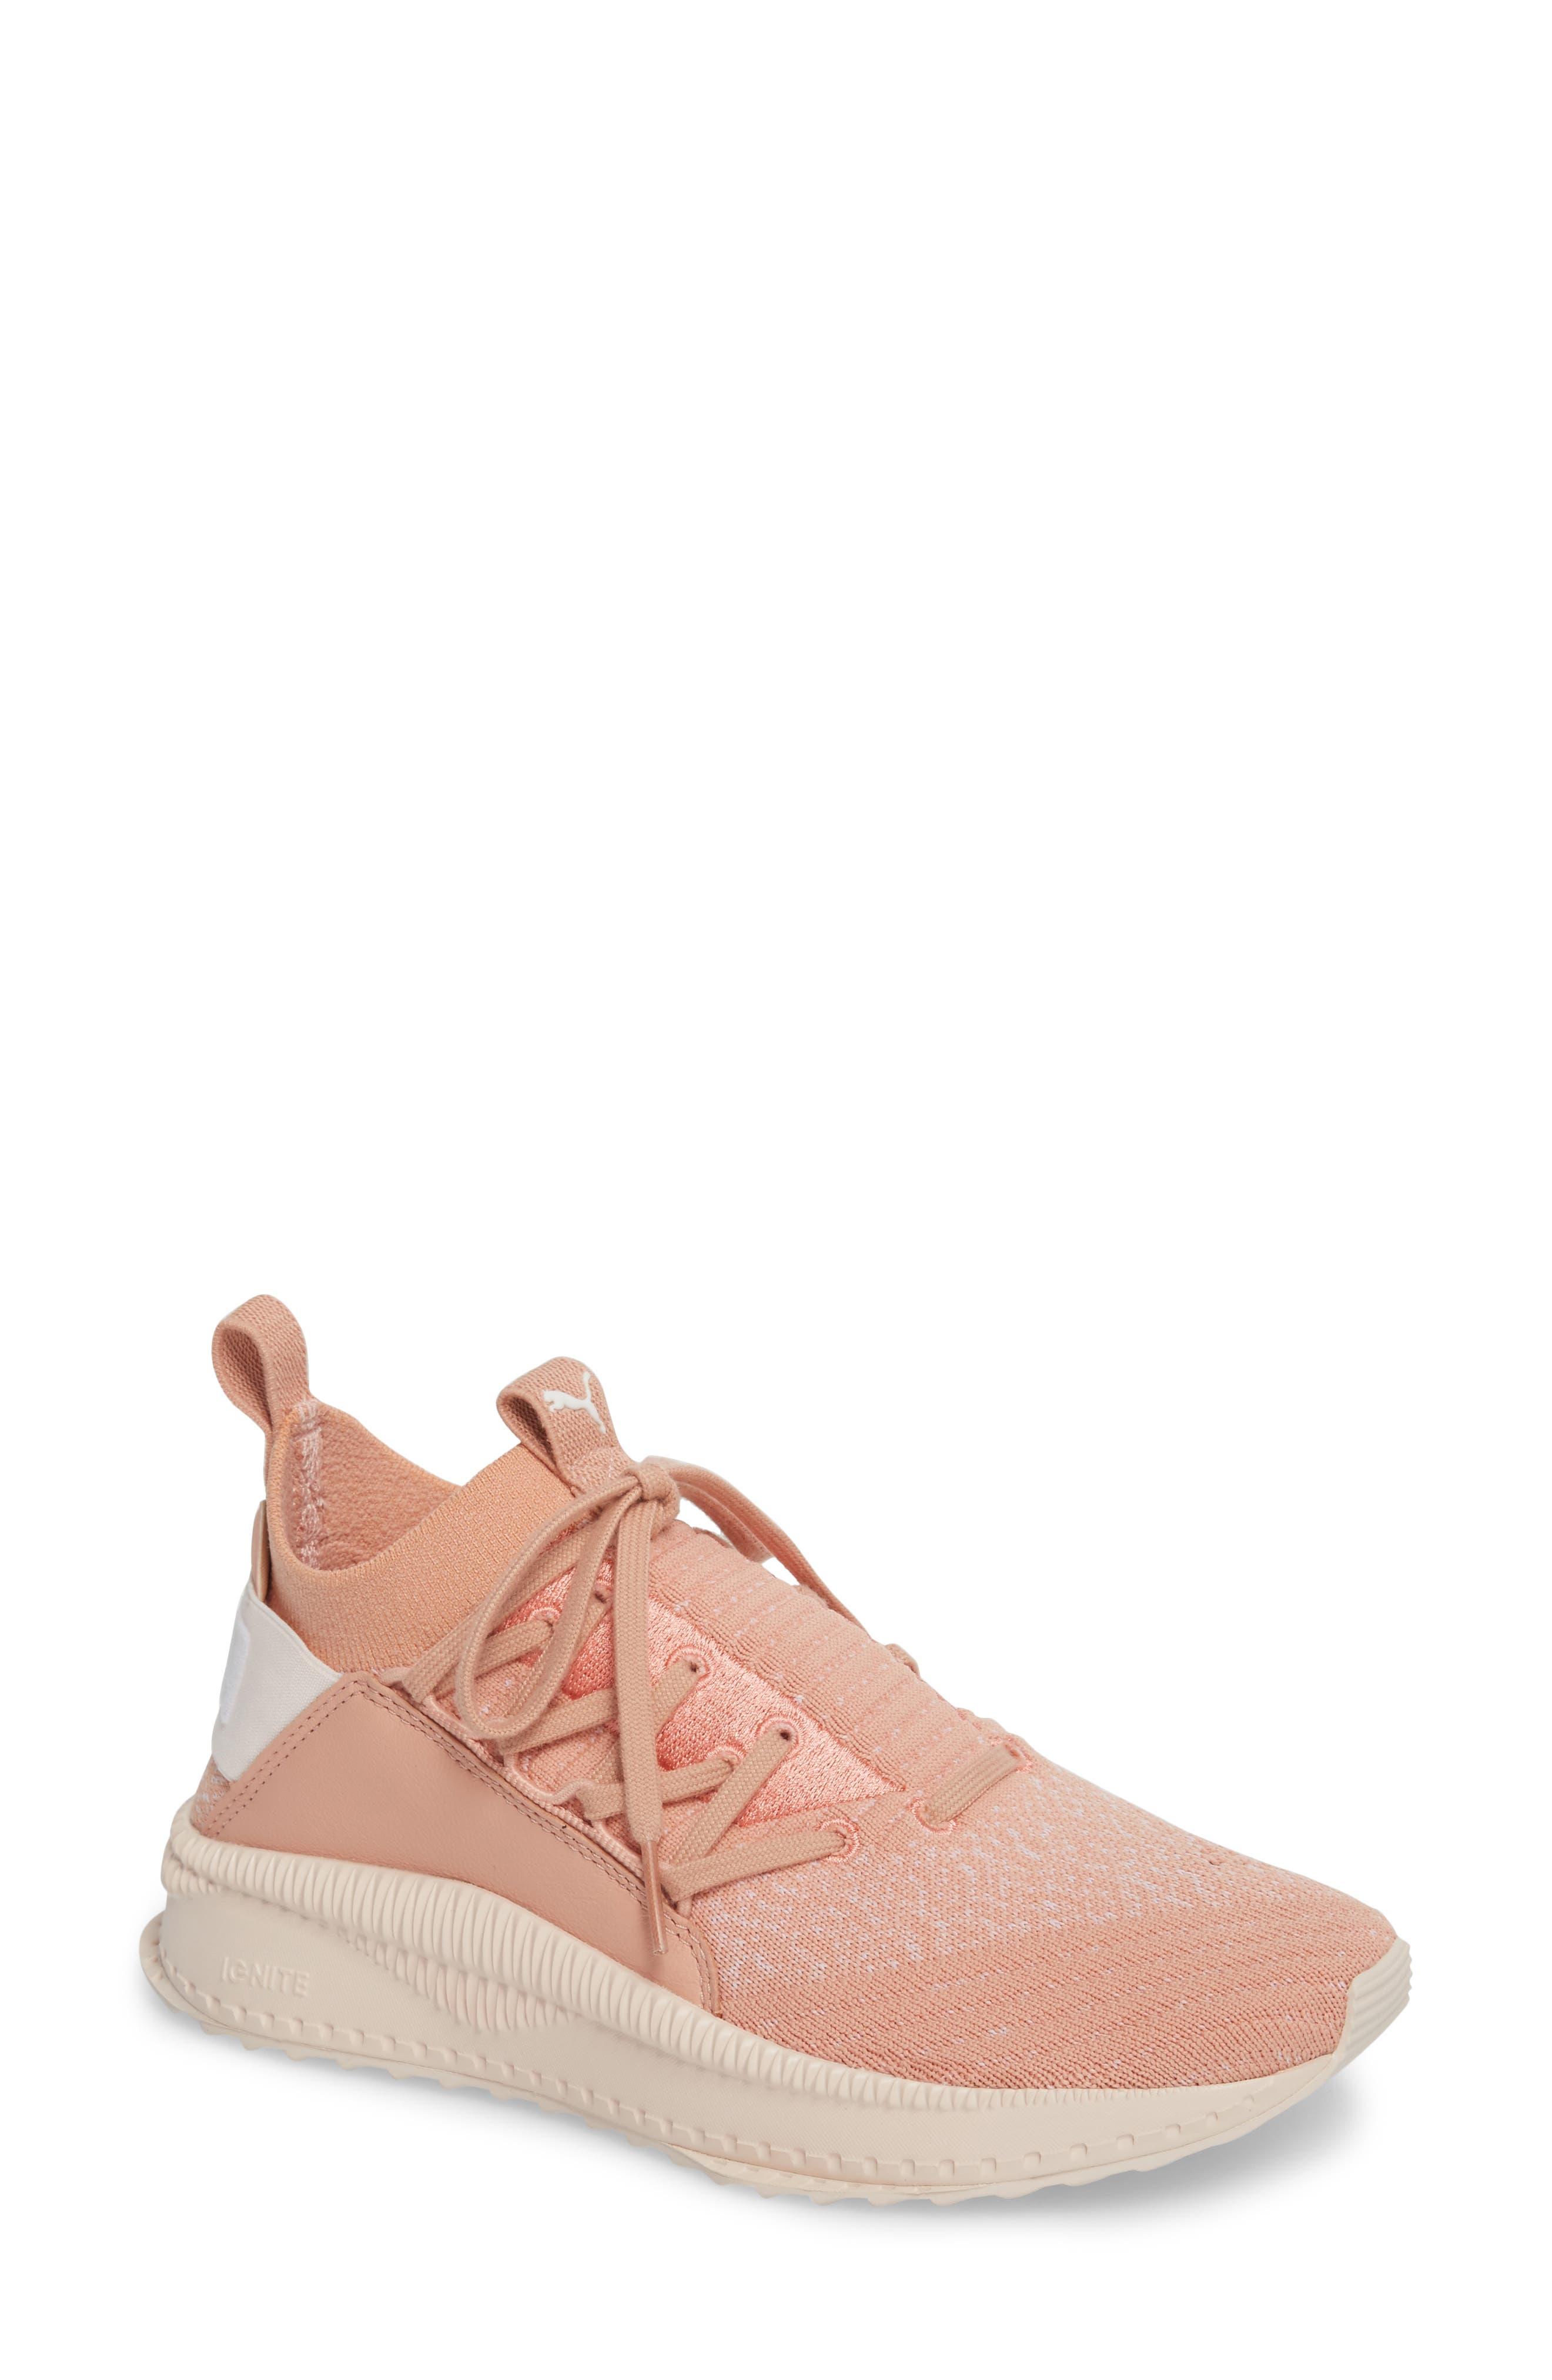 Tsugi Jun Knit Sneaker,                             Main thumbnail 1, color,                             Peach Beige/ Puma White/ Pearl